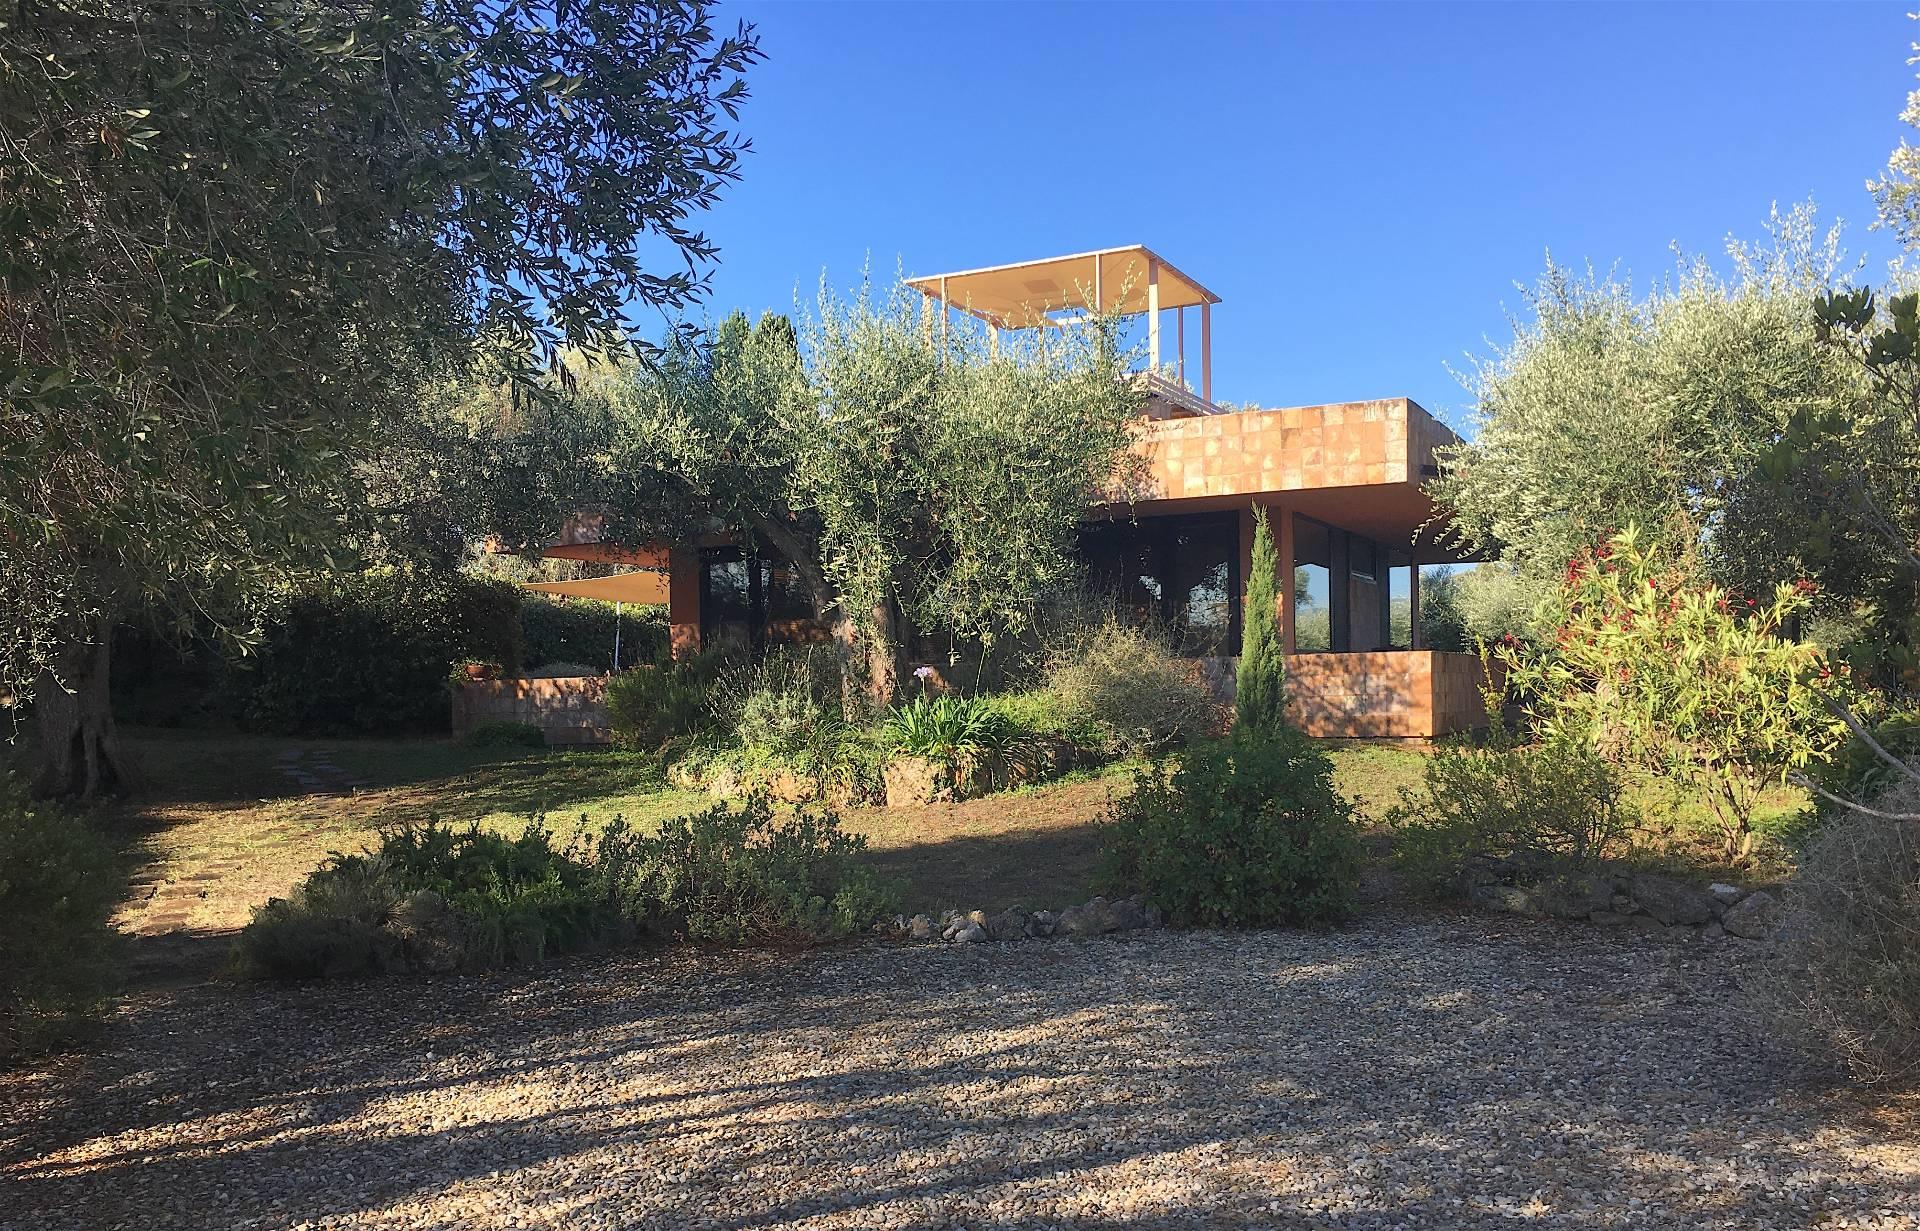 Villa in vendita a Orbetello, 7 locali, zona Zona: Ansedonia, prezzo € 1.450.000 | Cambio Casa.it